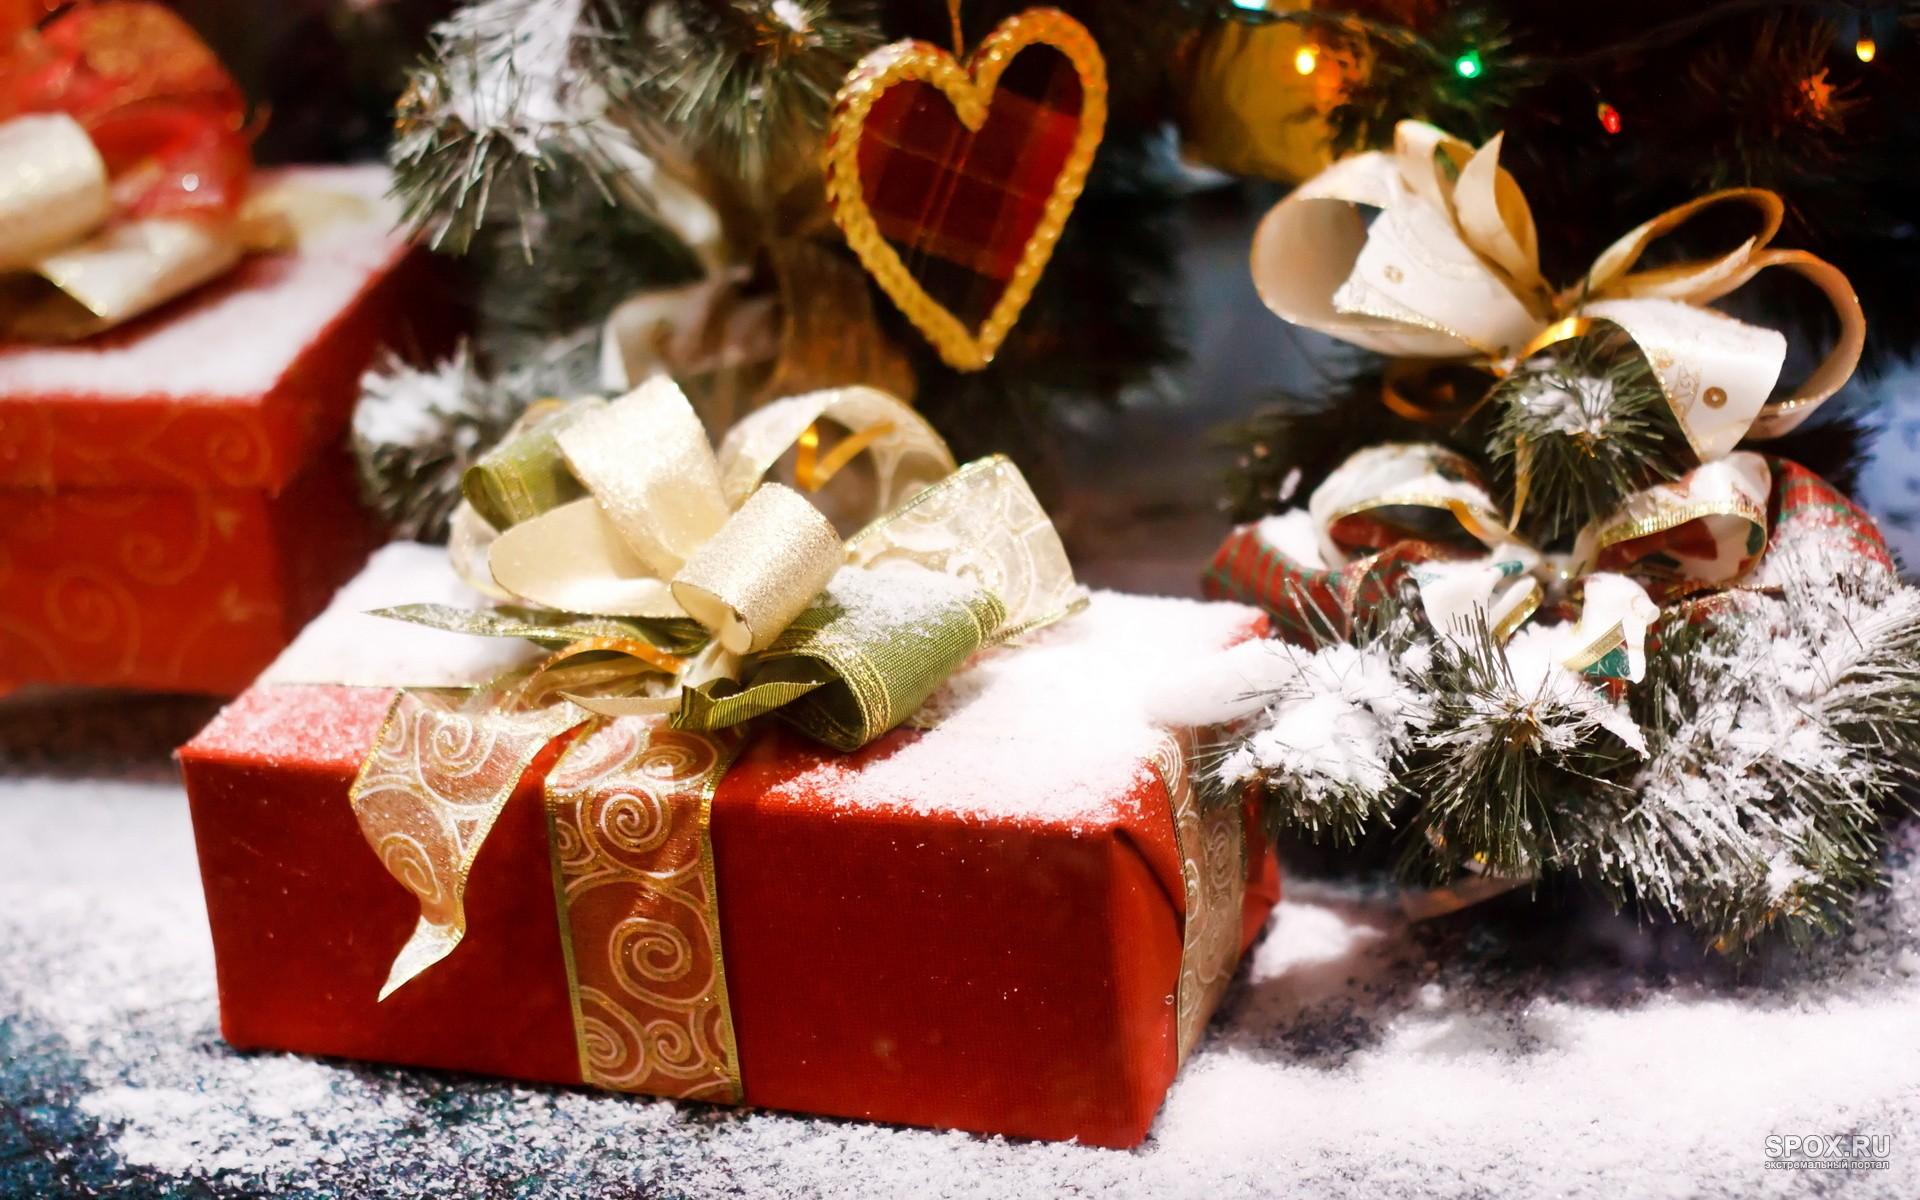 Техника, аксессуары и парфюмерия – наиболее популярные подарки в Новый год